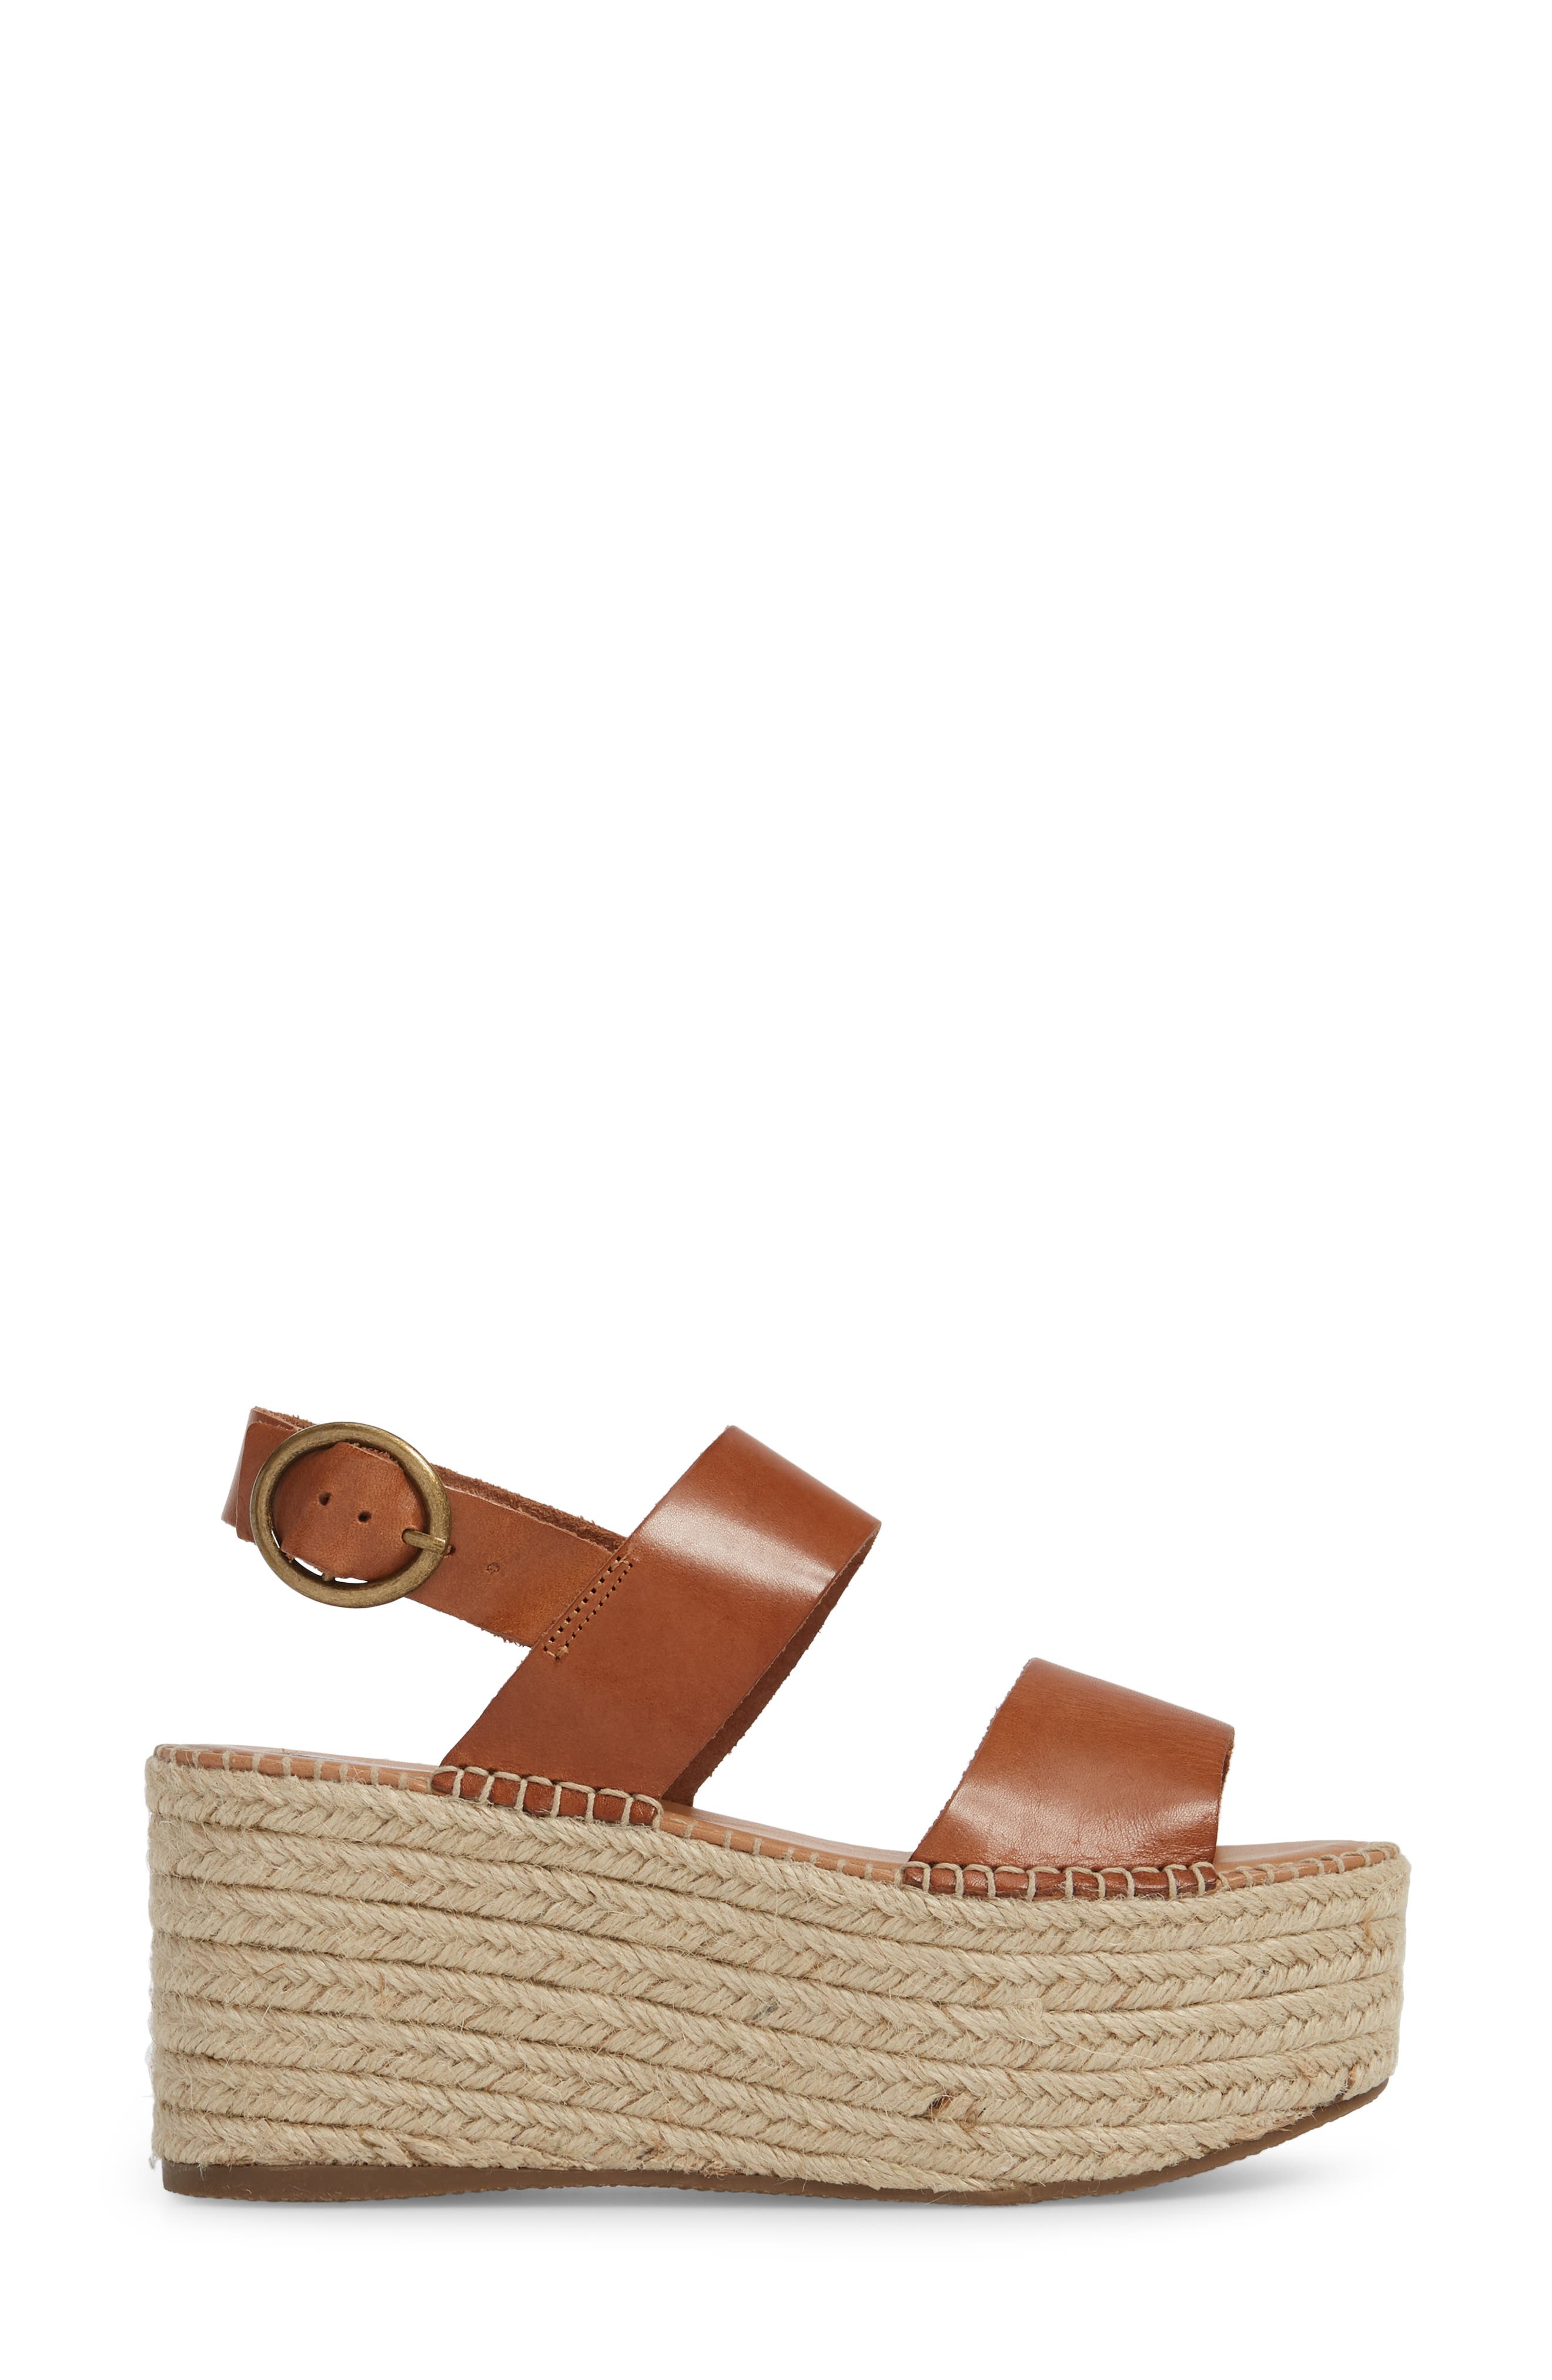 Cali Espadrille Platform Sandal,                             Alternate thumbnail 3, color,                             Cognac Leather